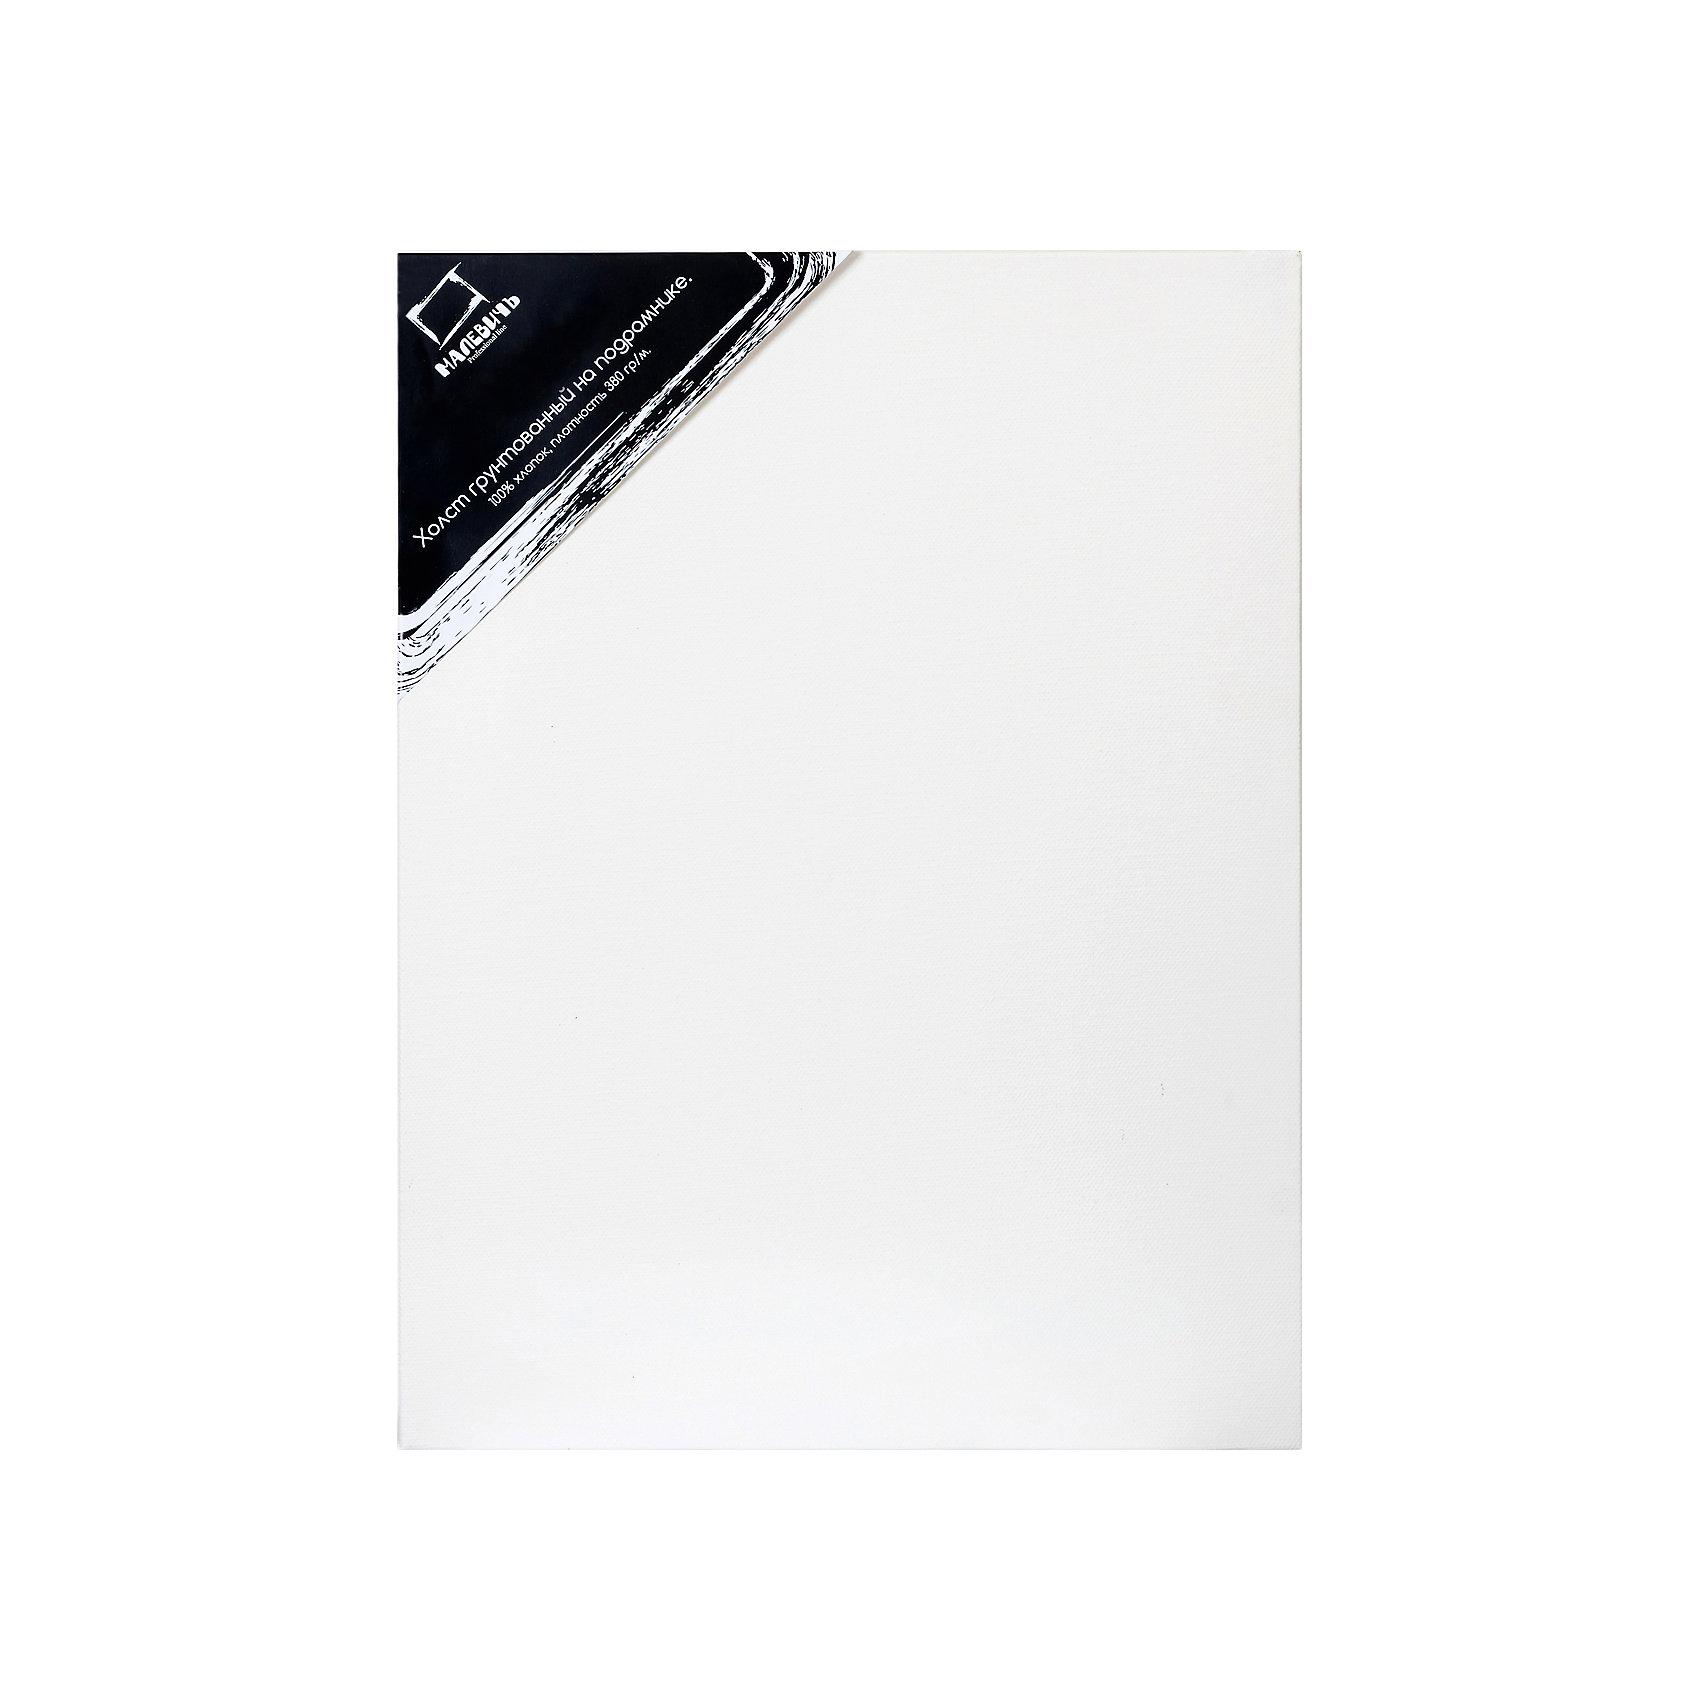 Холст на подрамнике Малевичъ, хлопок 380 гр, 40x50 смХолсты<br>Полностью готовые к работе холсты  для профессиональной живописи. Представляют собой грунтованное среднезернистое полотно из 100% хлопка плотностью 380 г/кв. м, натянутое на деревянный подрамник. В комплект входят клинья, позволяющие регулировать степень натяжения полотна. Гладкая поверхность хлопкового полотна удобна для предварительных набросков, а повышенная плотность холста позволяет использовать его для картин большого формата. Все холсты Малевич изготавливаются из 100% натуральных материалов и проходят тестирование профессиональными художниками.<br><br>Холсты на подрамниках Малевич:<br><br>•    изготовлены из плотного натурального полотна без узелков и неровностей<br>•    профессионально натянуты и загрунтованы<br>•    экономят время художника – сразу же можно приступать к работе<br>•    подходят для любого вида красок, кроме акварельных (для которых у нас есть Акварельные холсты)<br>•    гладкая поверхность удобна для карандашных набросков<br><br>Ширина мм: 400<br>Глубина мм: 500<br>Высота мм: 20<br>Вес г: 500<br>Возраст от месяцев: 84<br>Возраст до месяцев: 2147483647<br>Пол: Унисекс<br>Возраст: Детский<br>SKU: 6757433